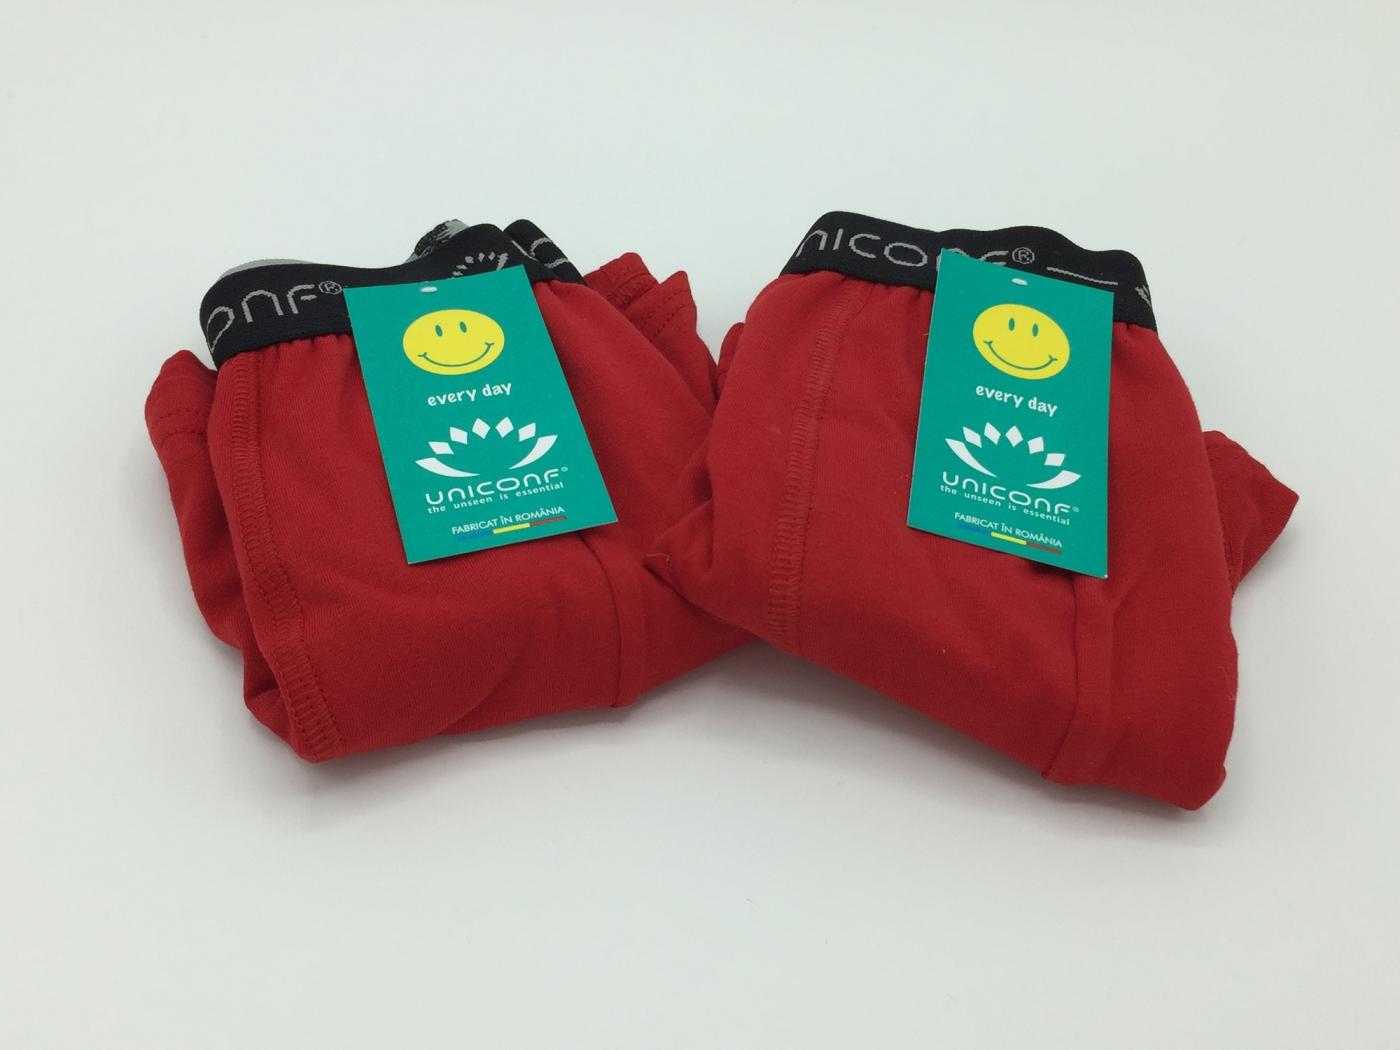 Boxeri barbati - Rosu - set 2 bucati - Uniconf BB08